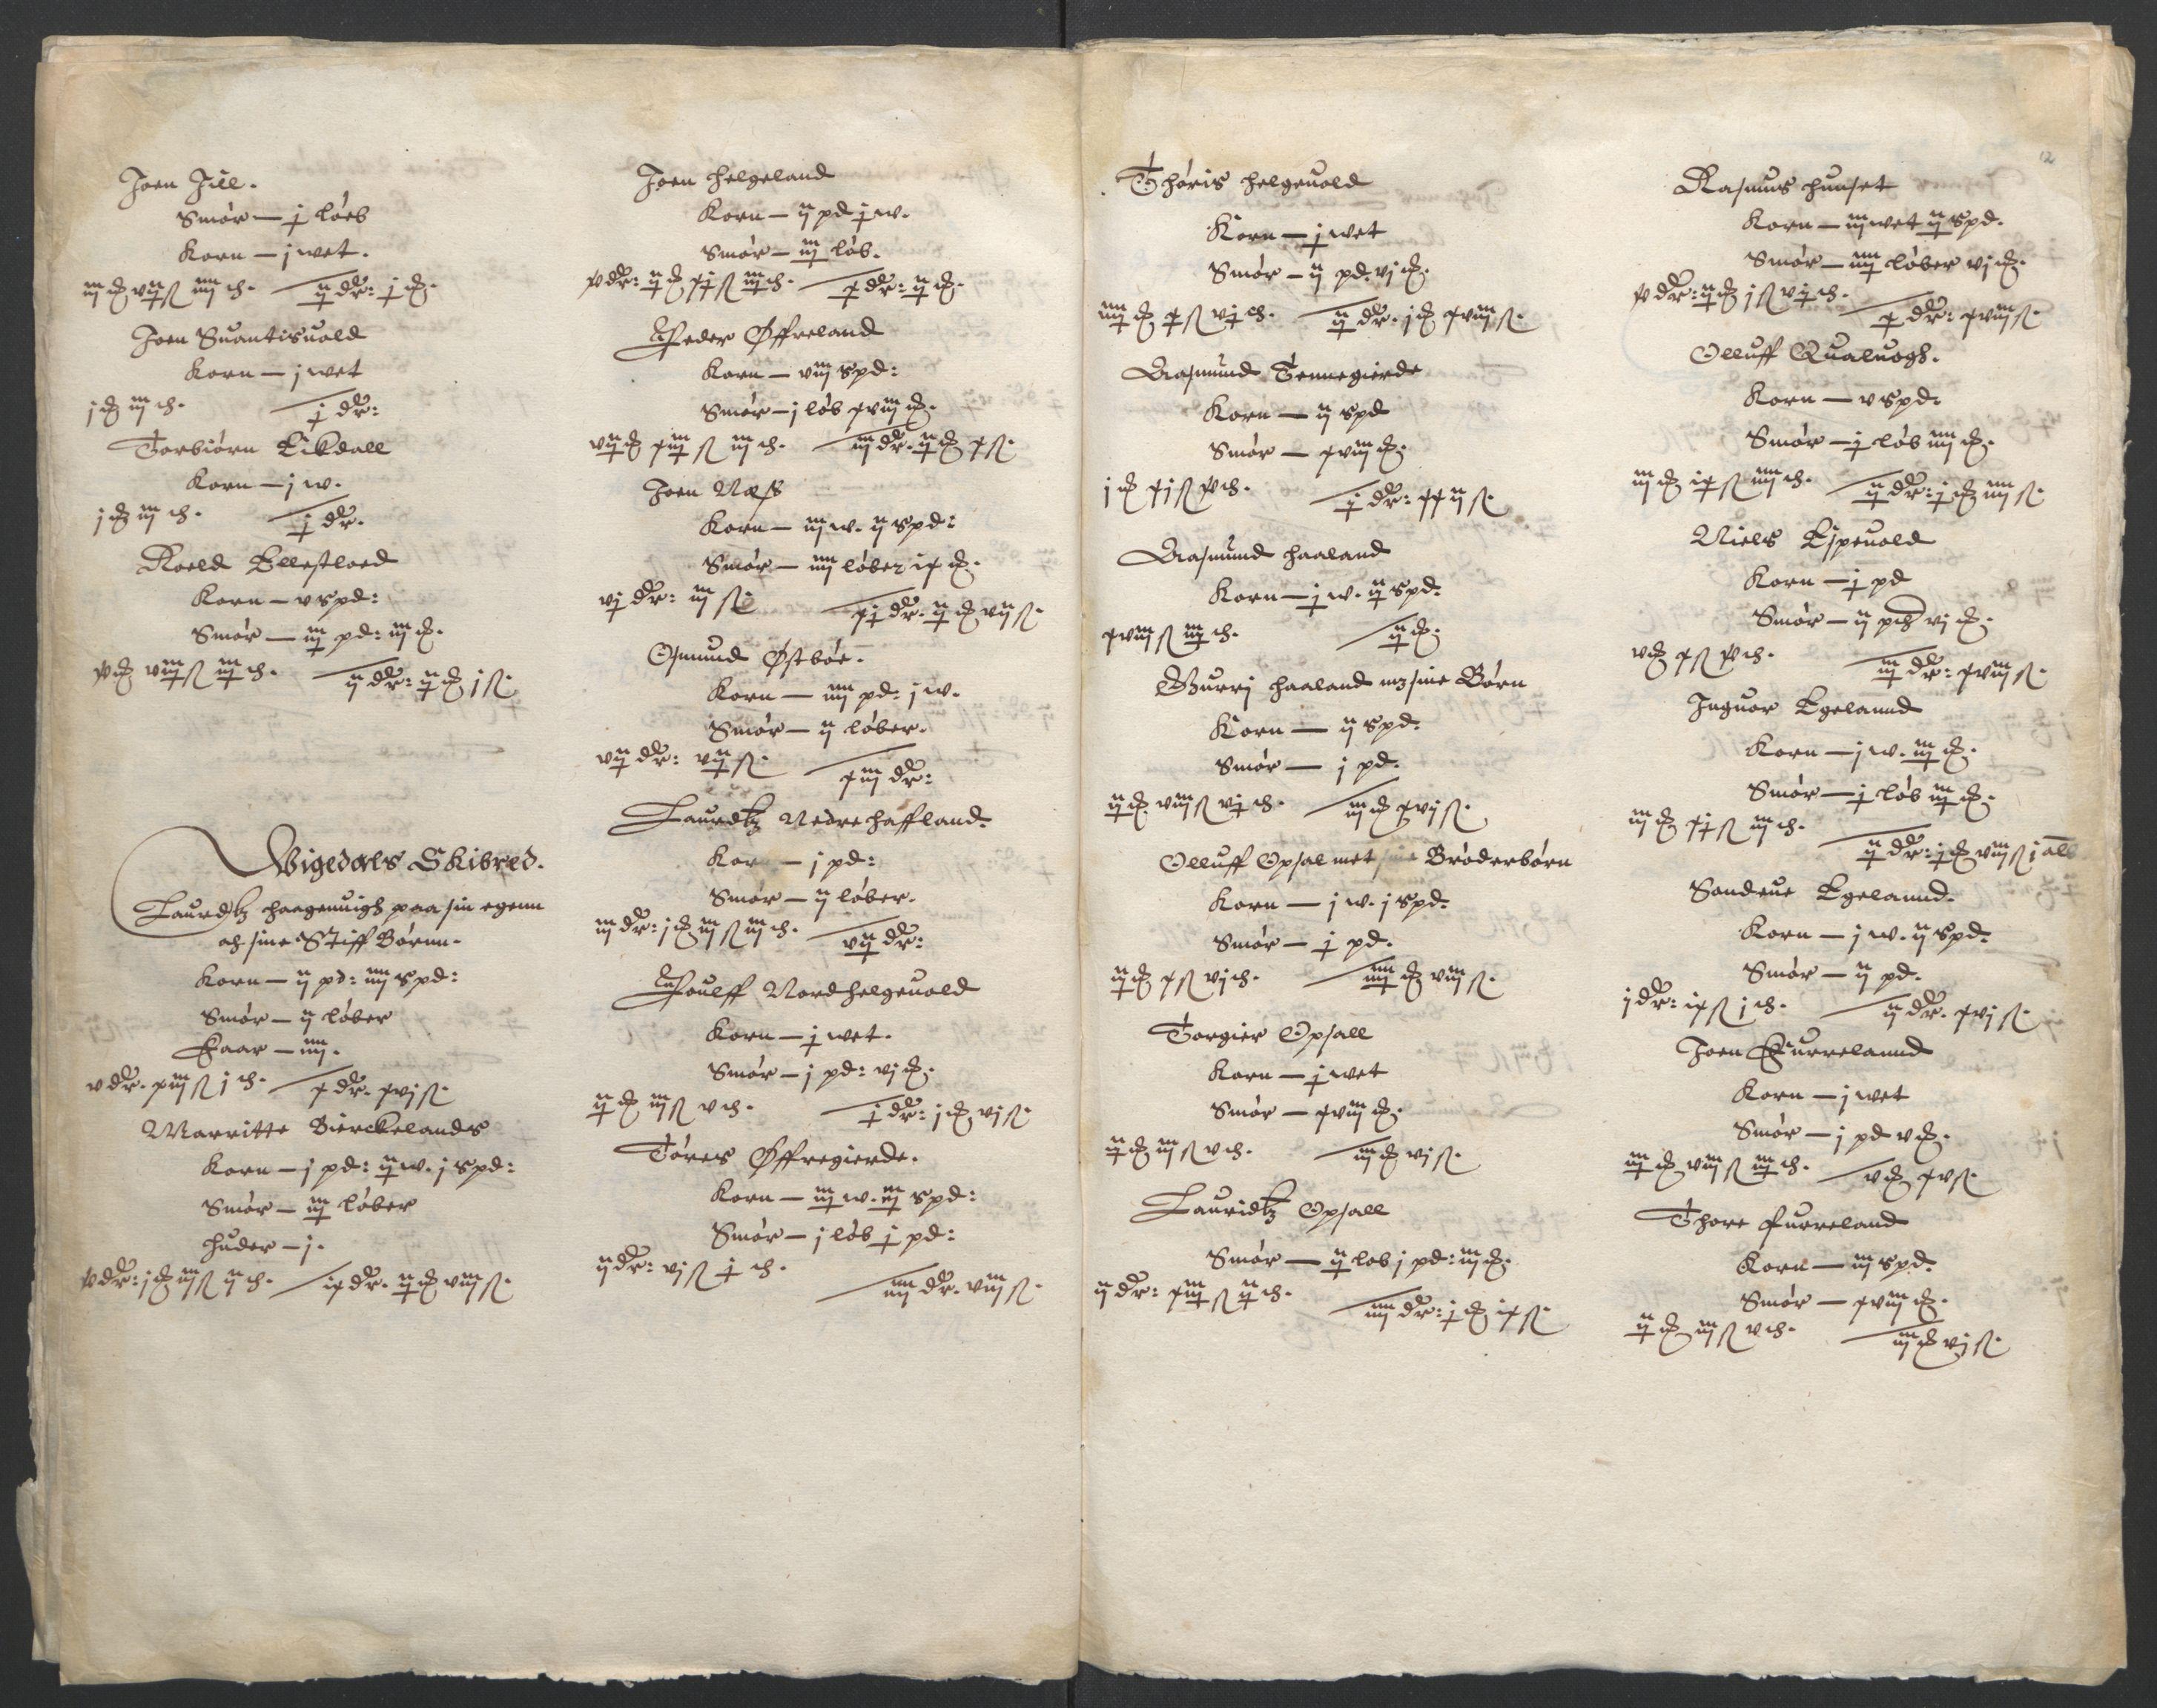 RA, Stattholderembetet 1572-1771, Ek/L0010: Jordebøker til utlikning av rosstjeneste 1624-1626:, 1624-1626, s. 77